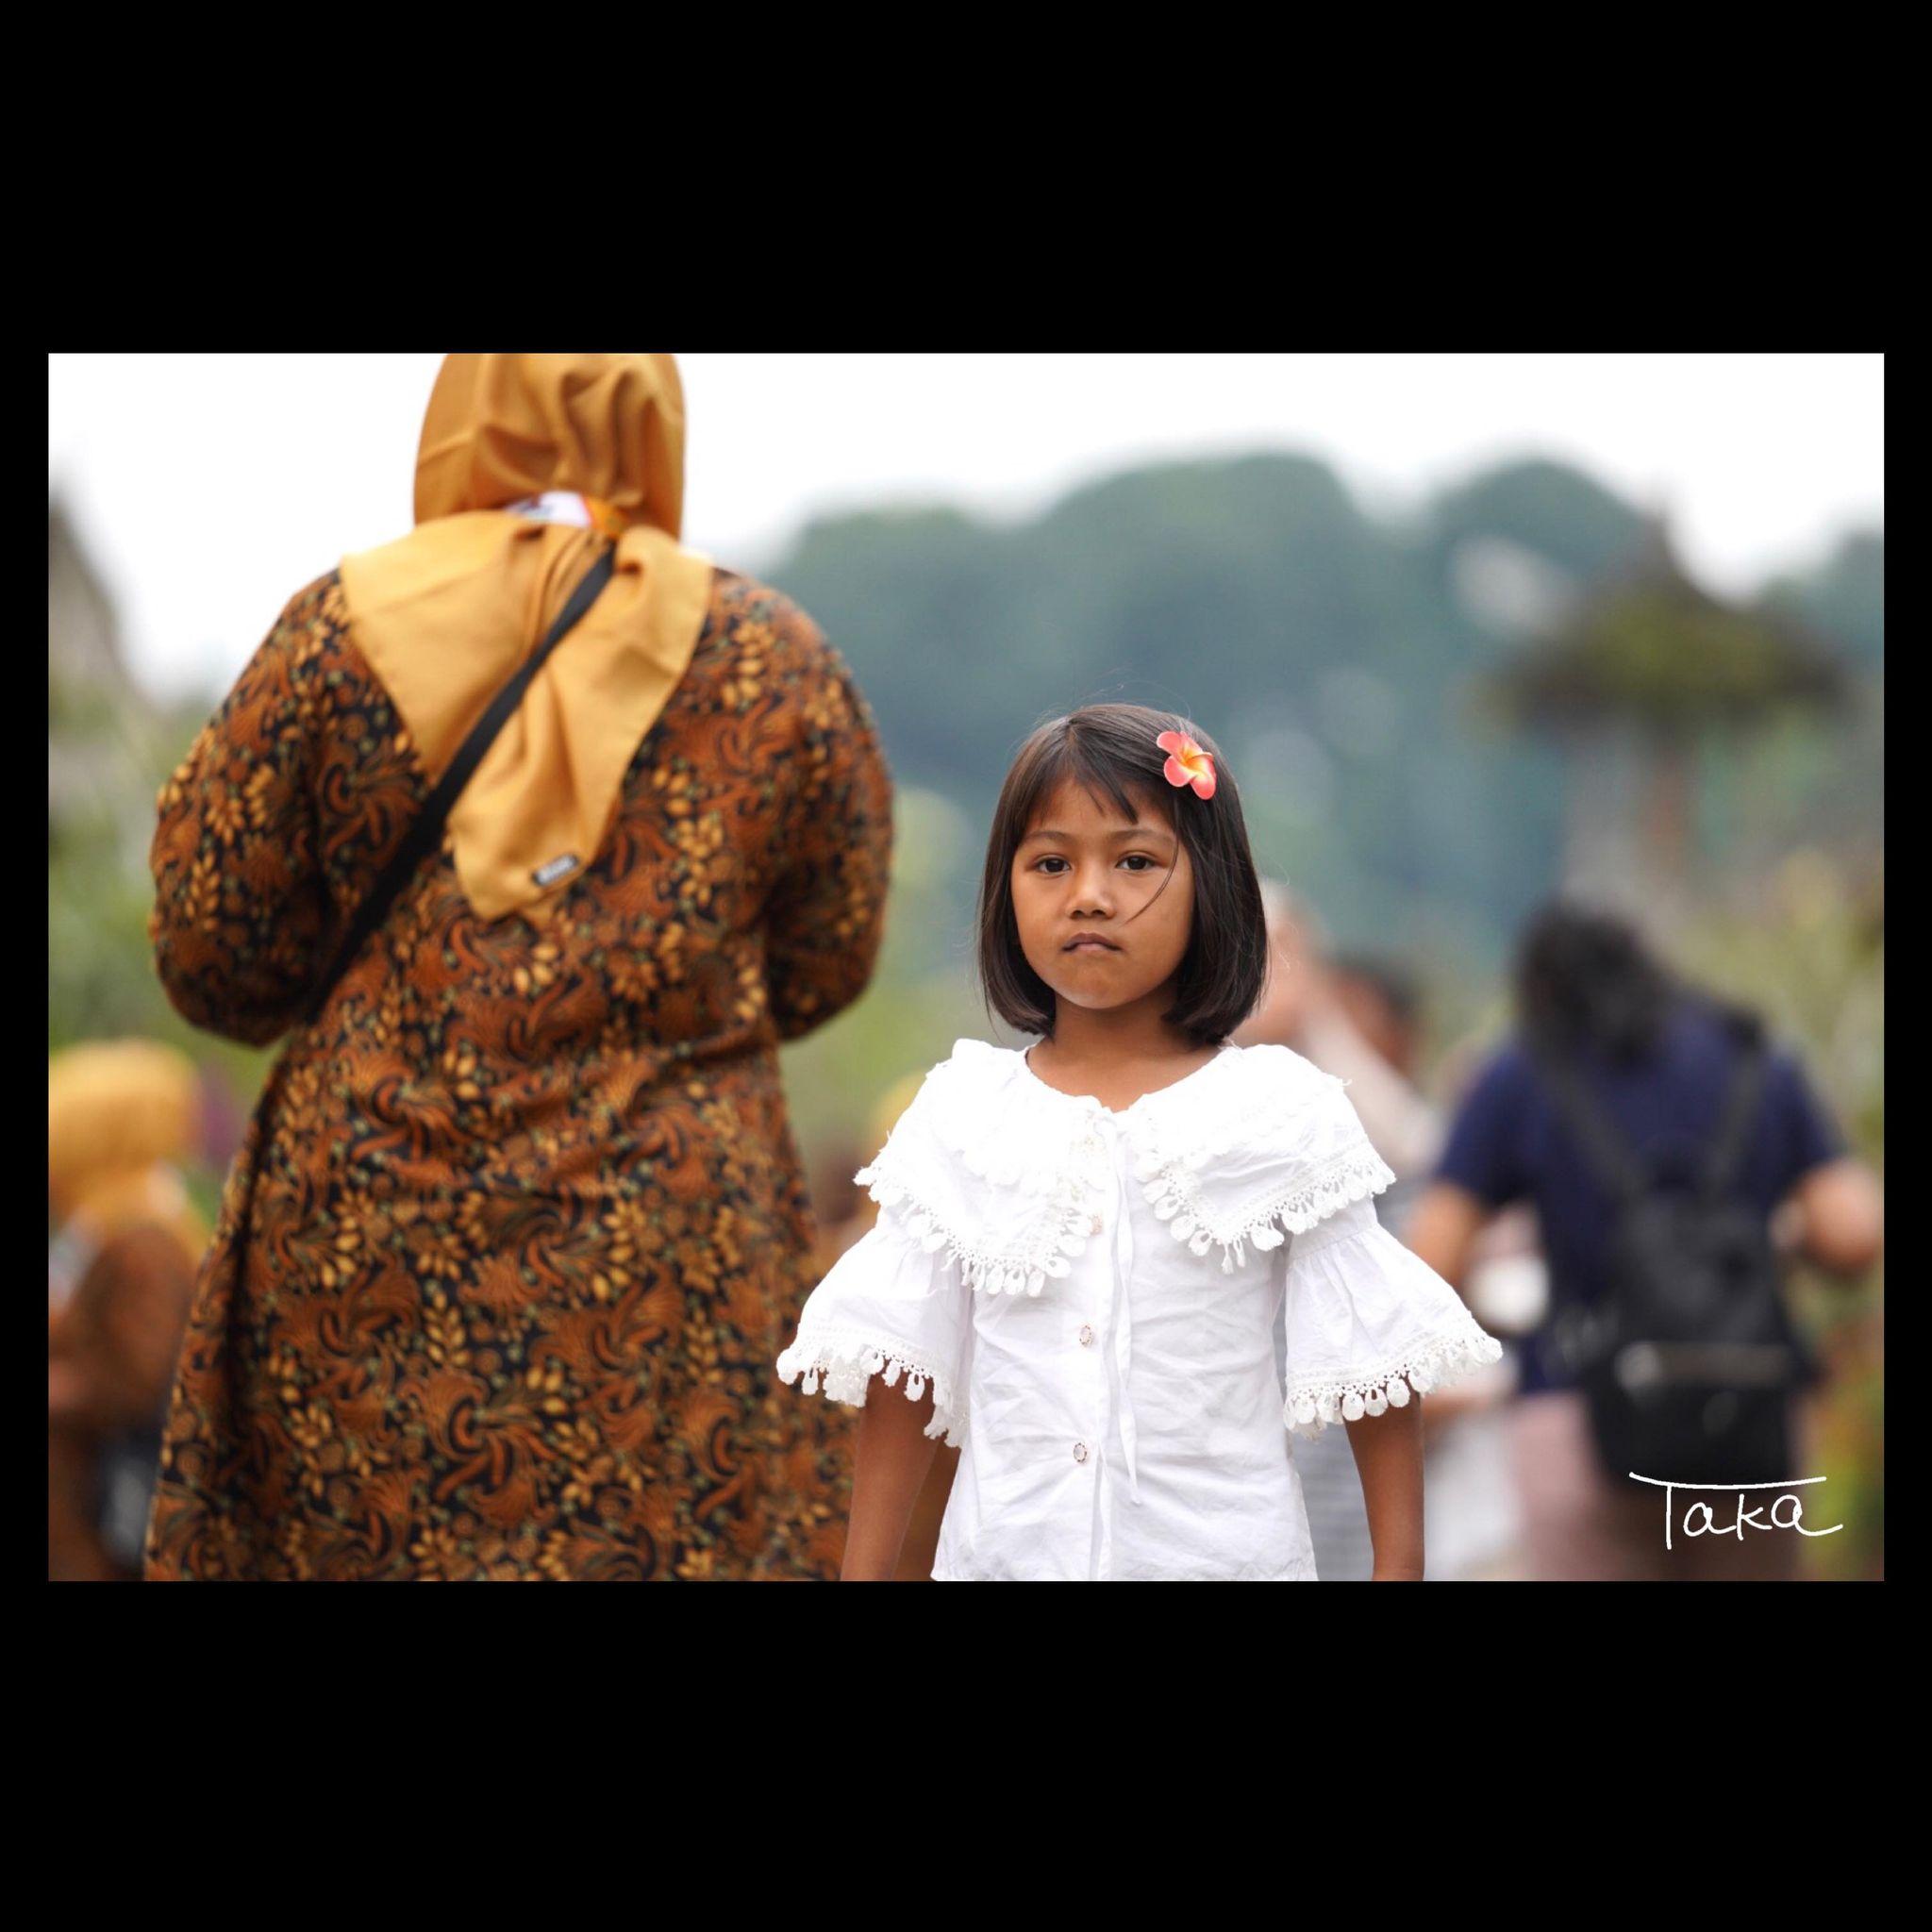 バリ島 観光に来ている女の子